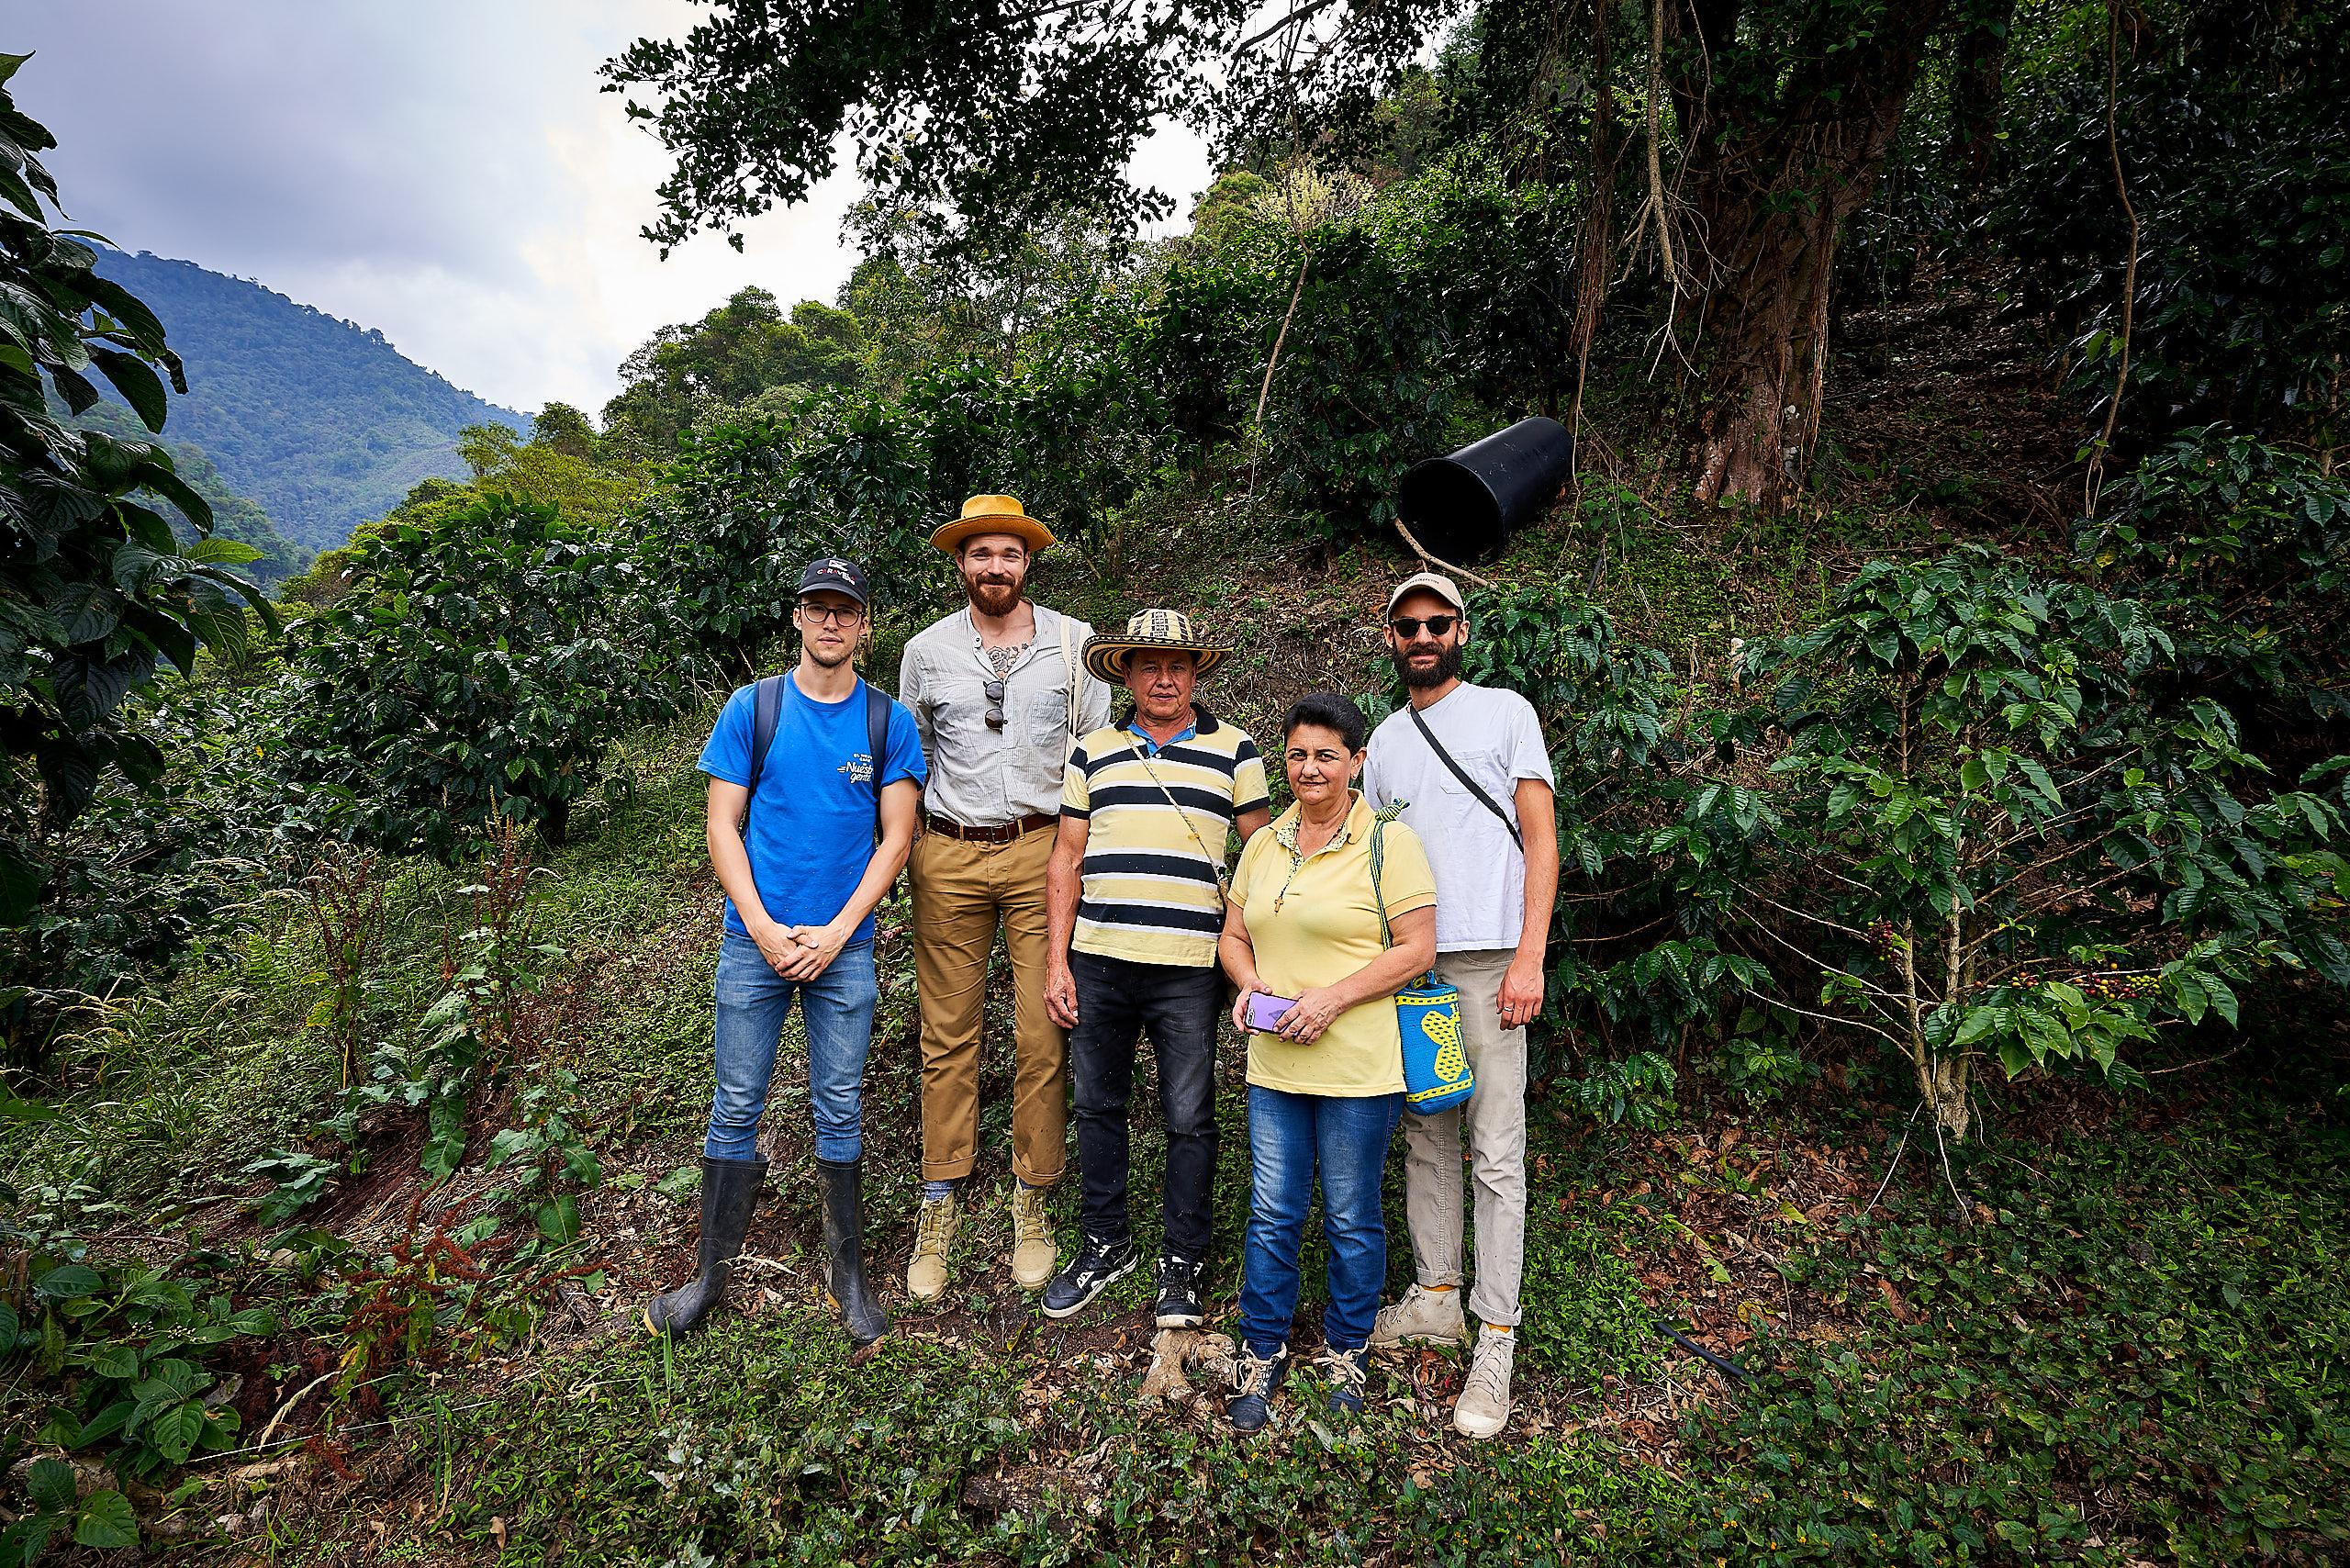 På vandretur med farmerne på deres land